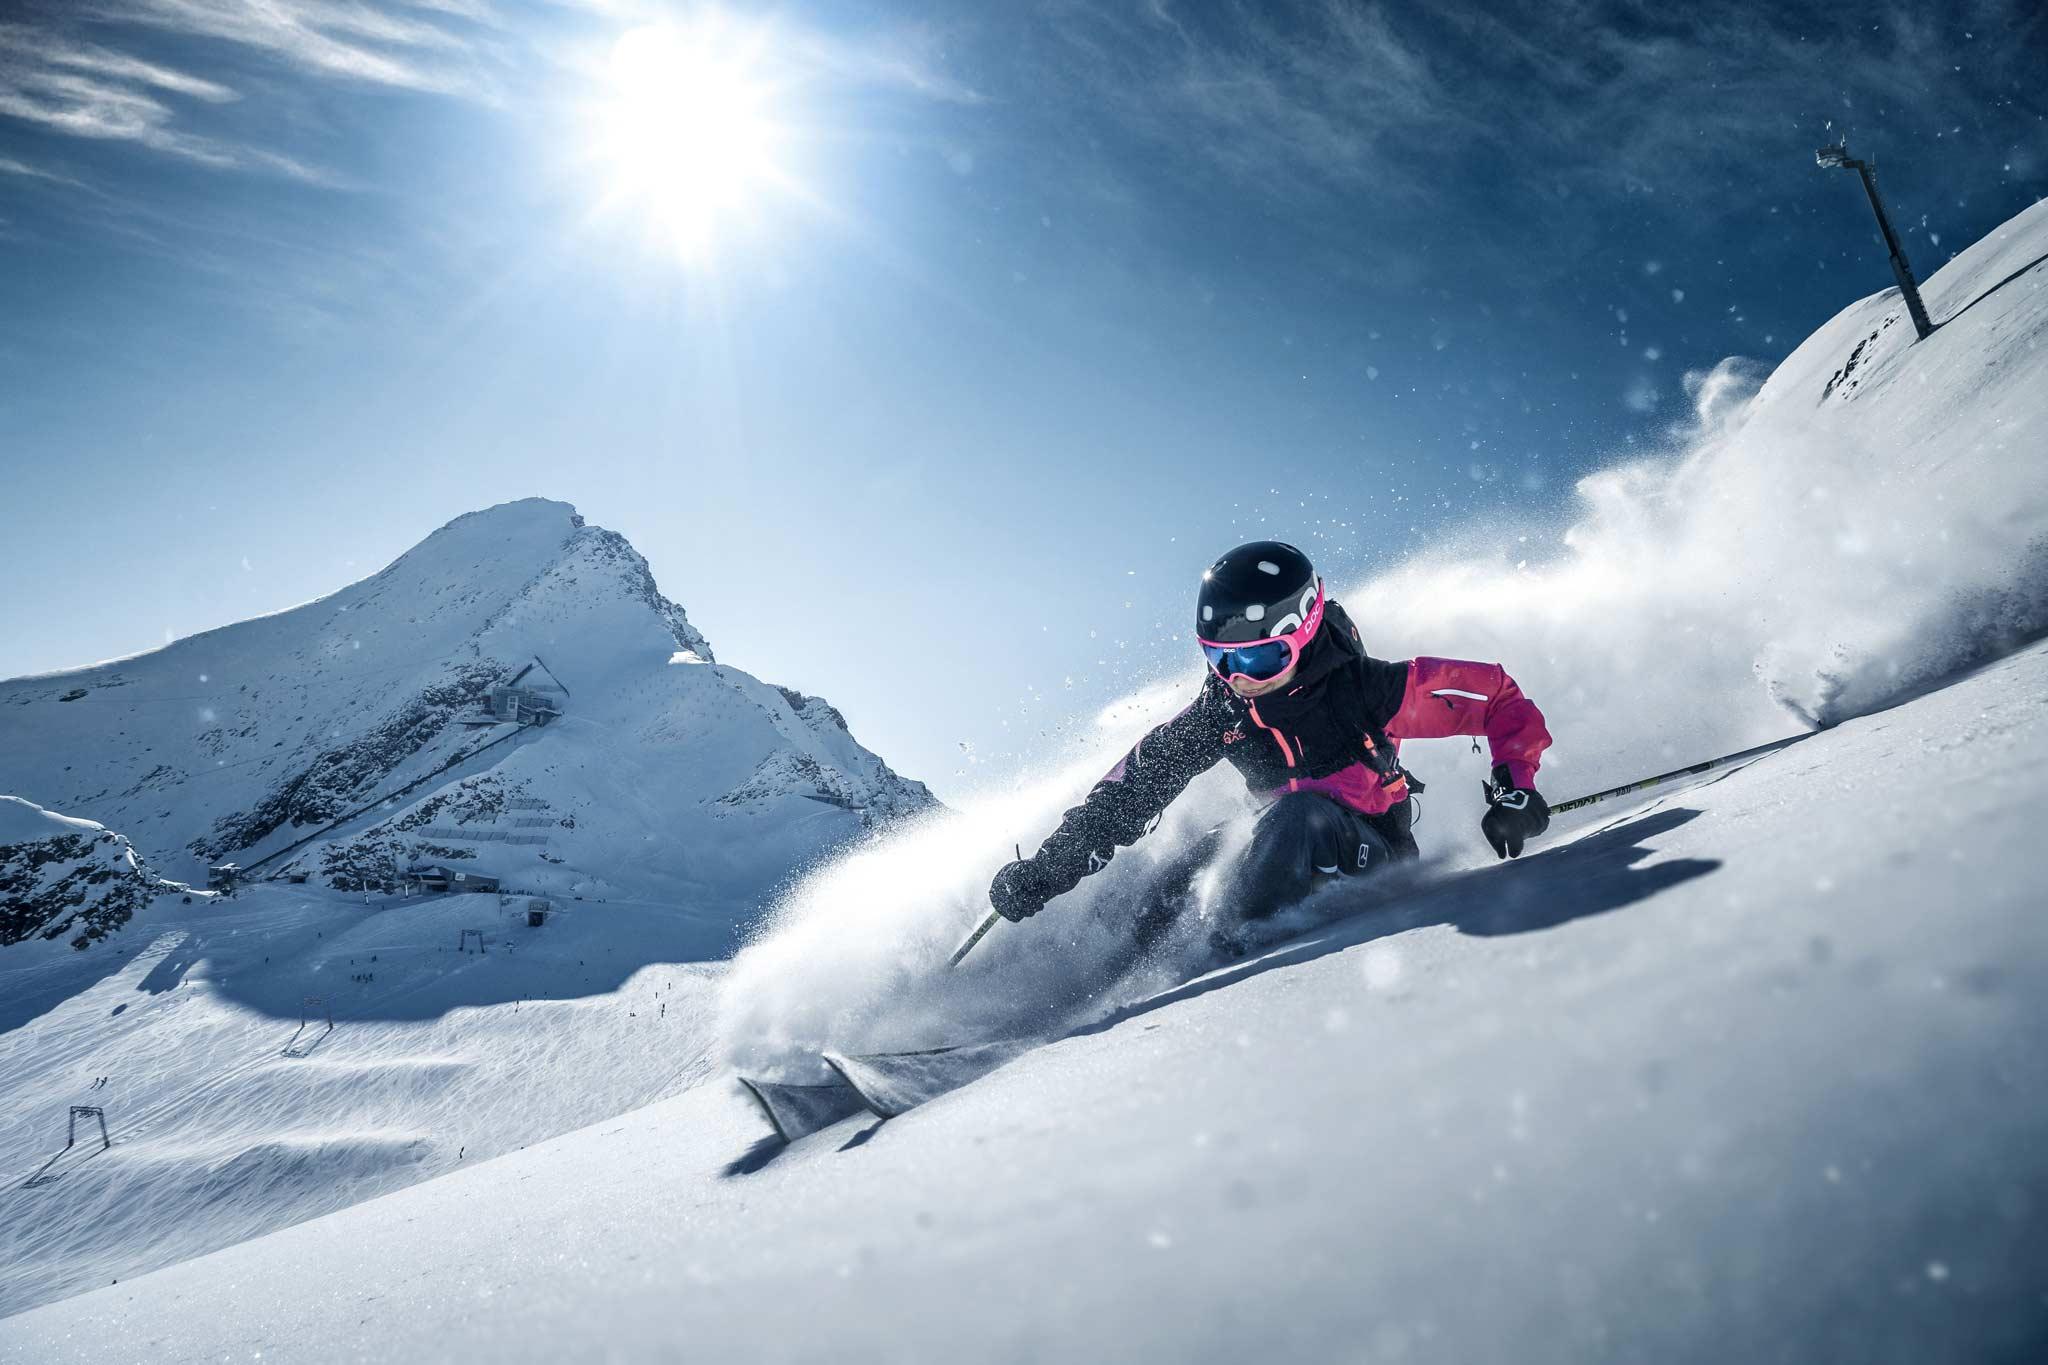 Am Kitzsteinhorn gibt es in der Saison 2021/2022 auch geführte Skitouren!